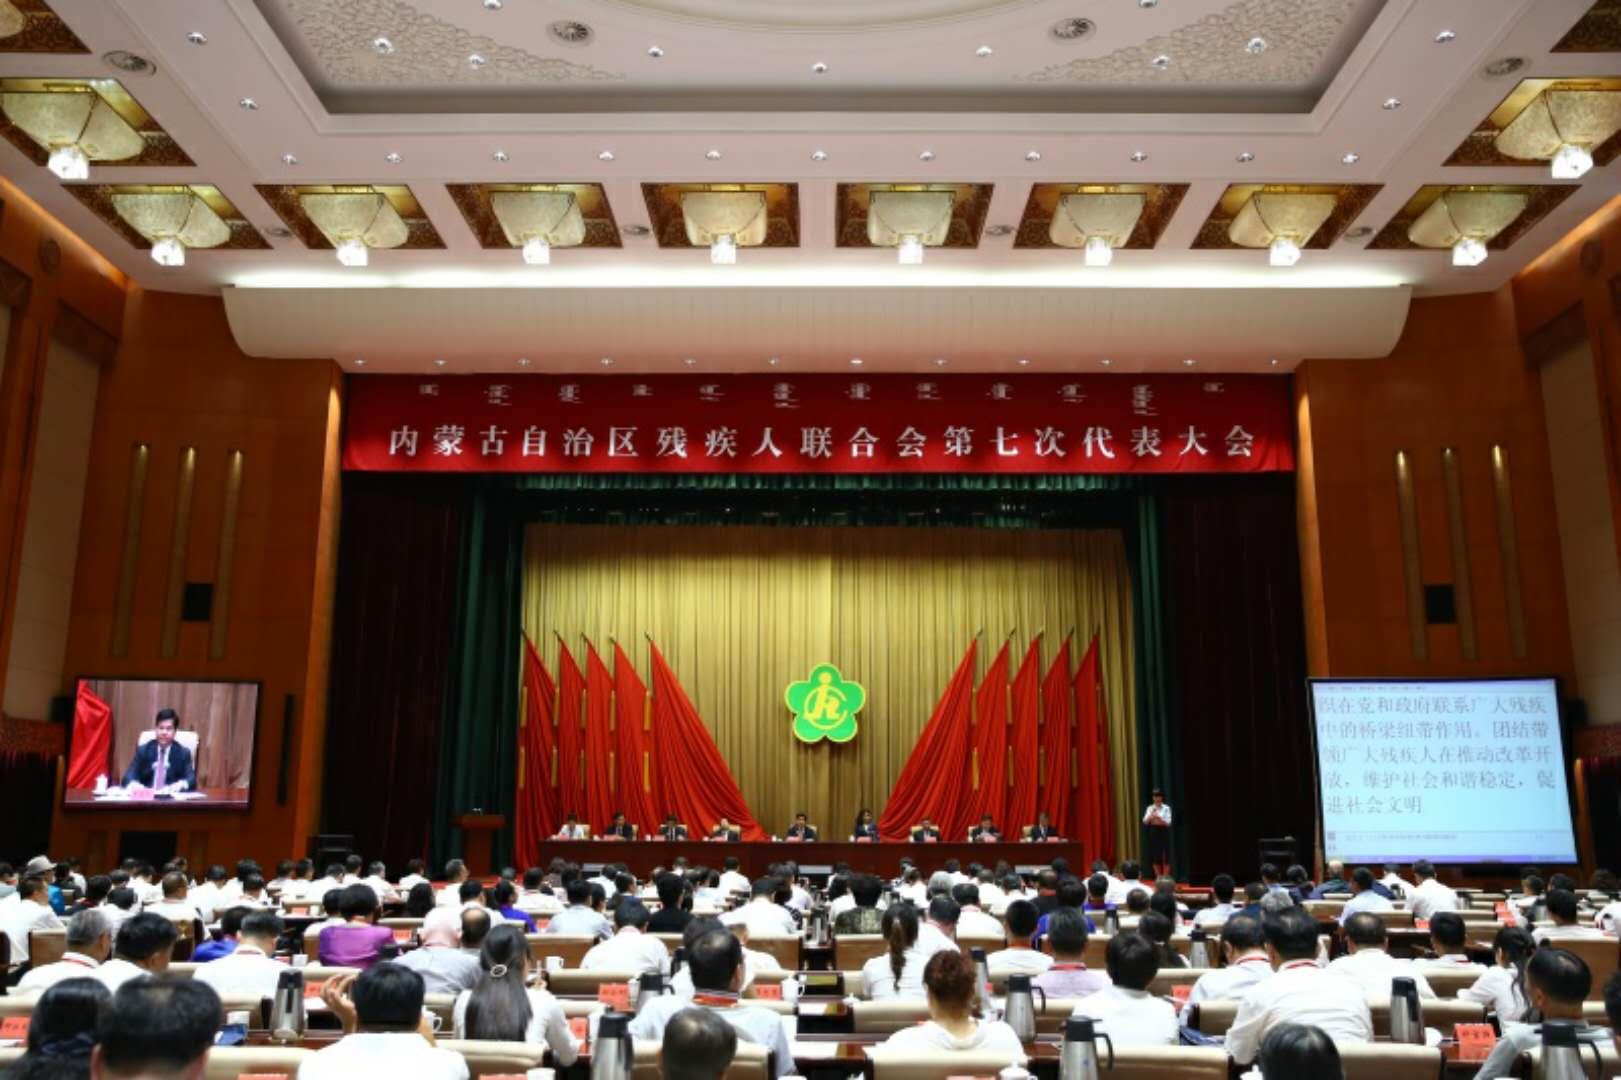 内蒙古自治区残疾人联合会第七次代表大会